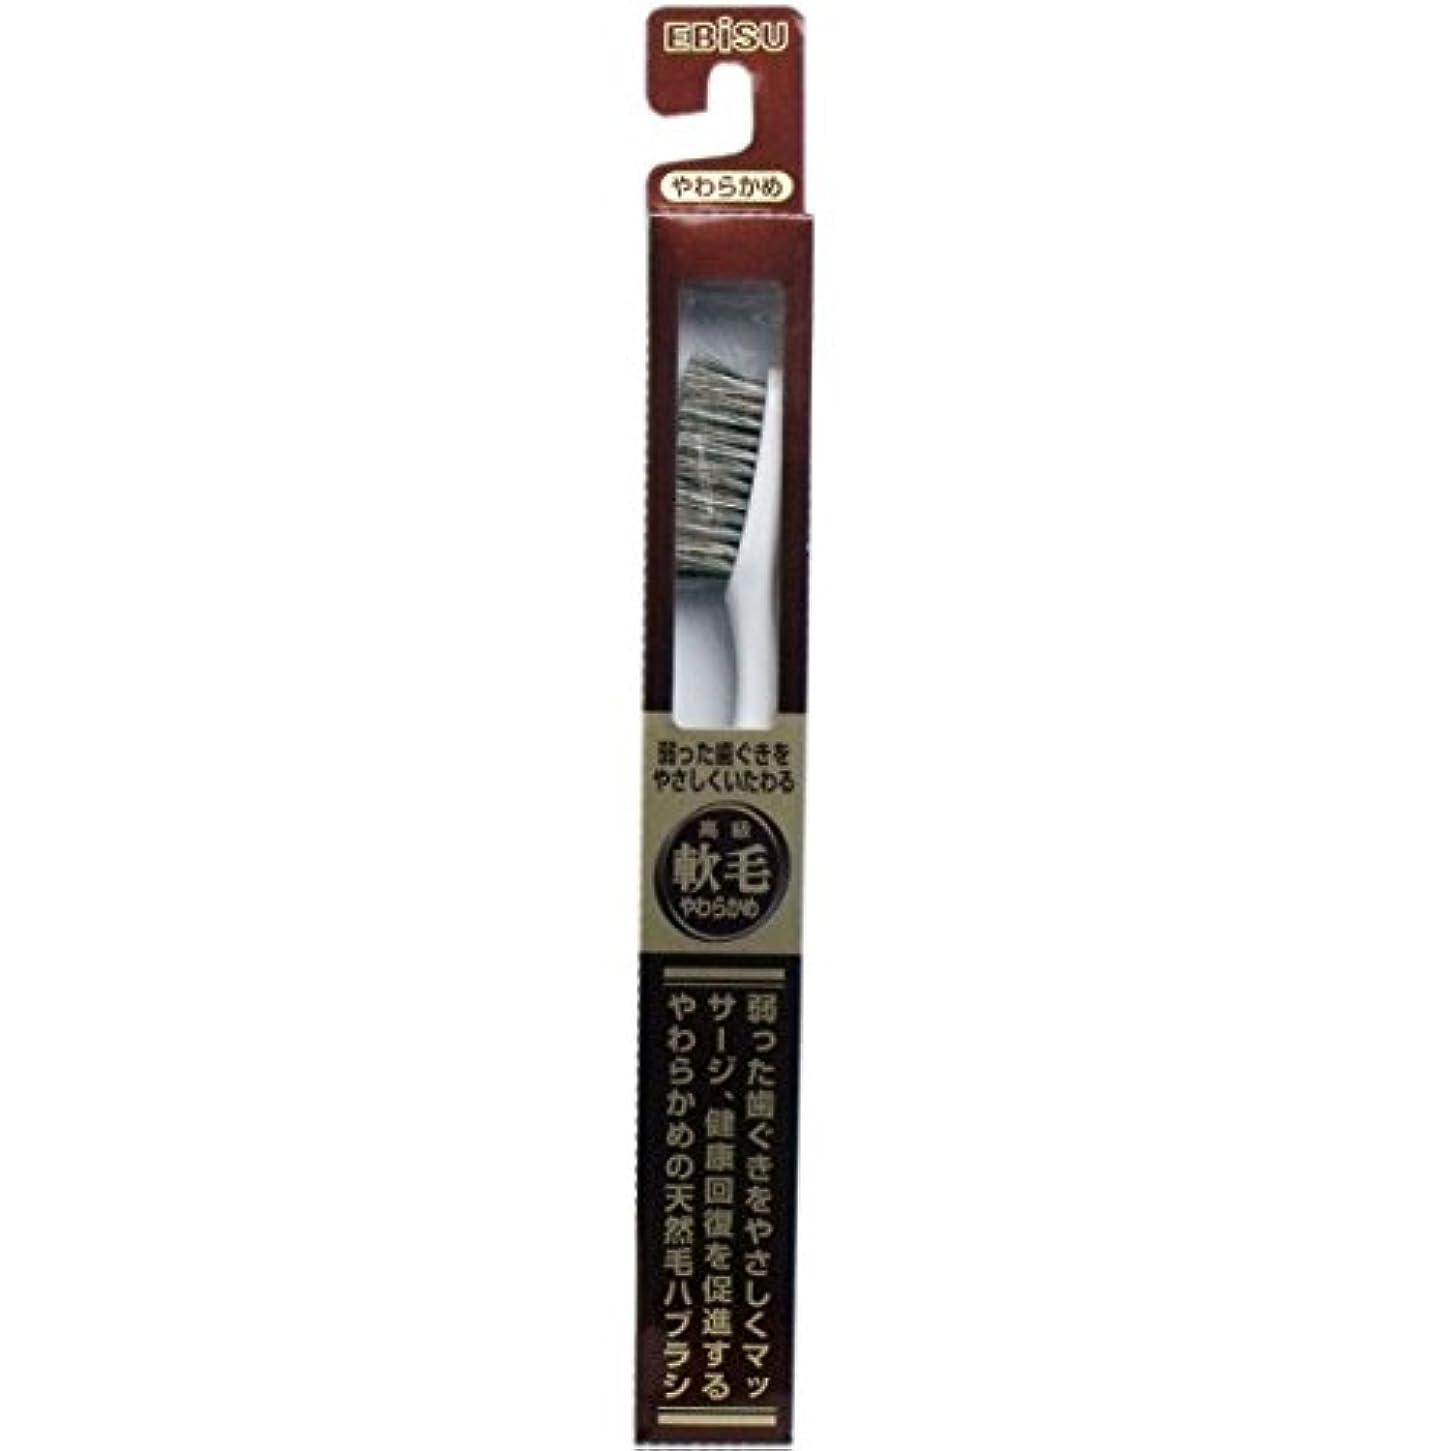 廃棄する構成員同種の【エビス】天然毛軟毛歯ブラシ 500 やわらかめ 1本 ×3個セット